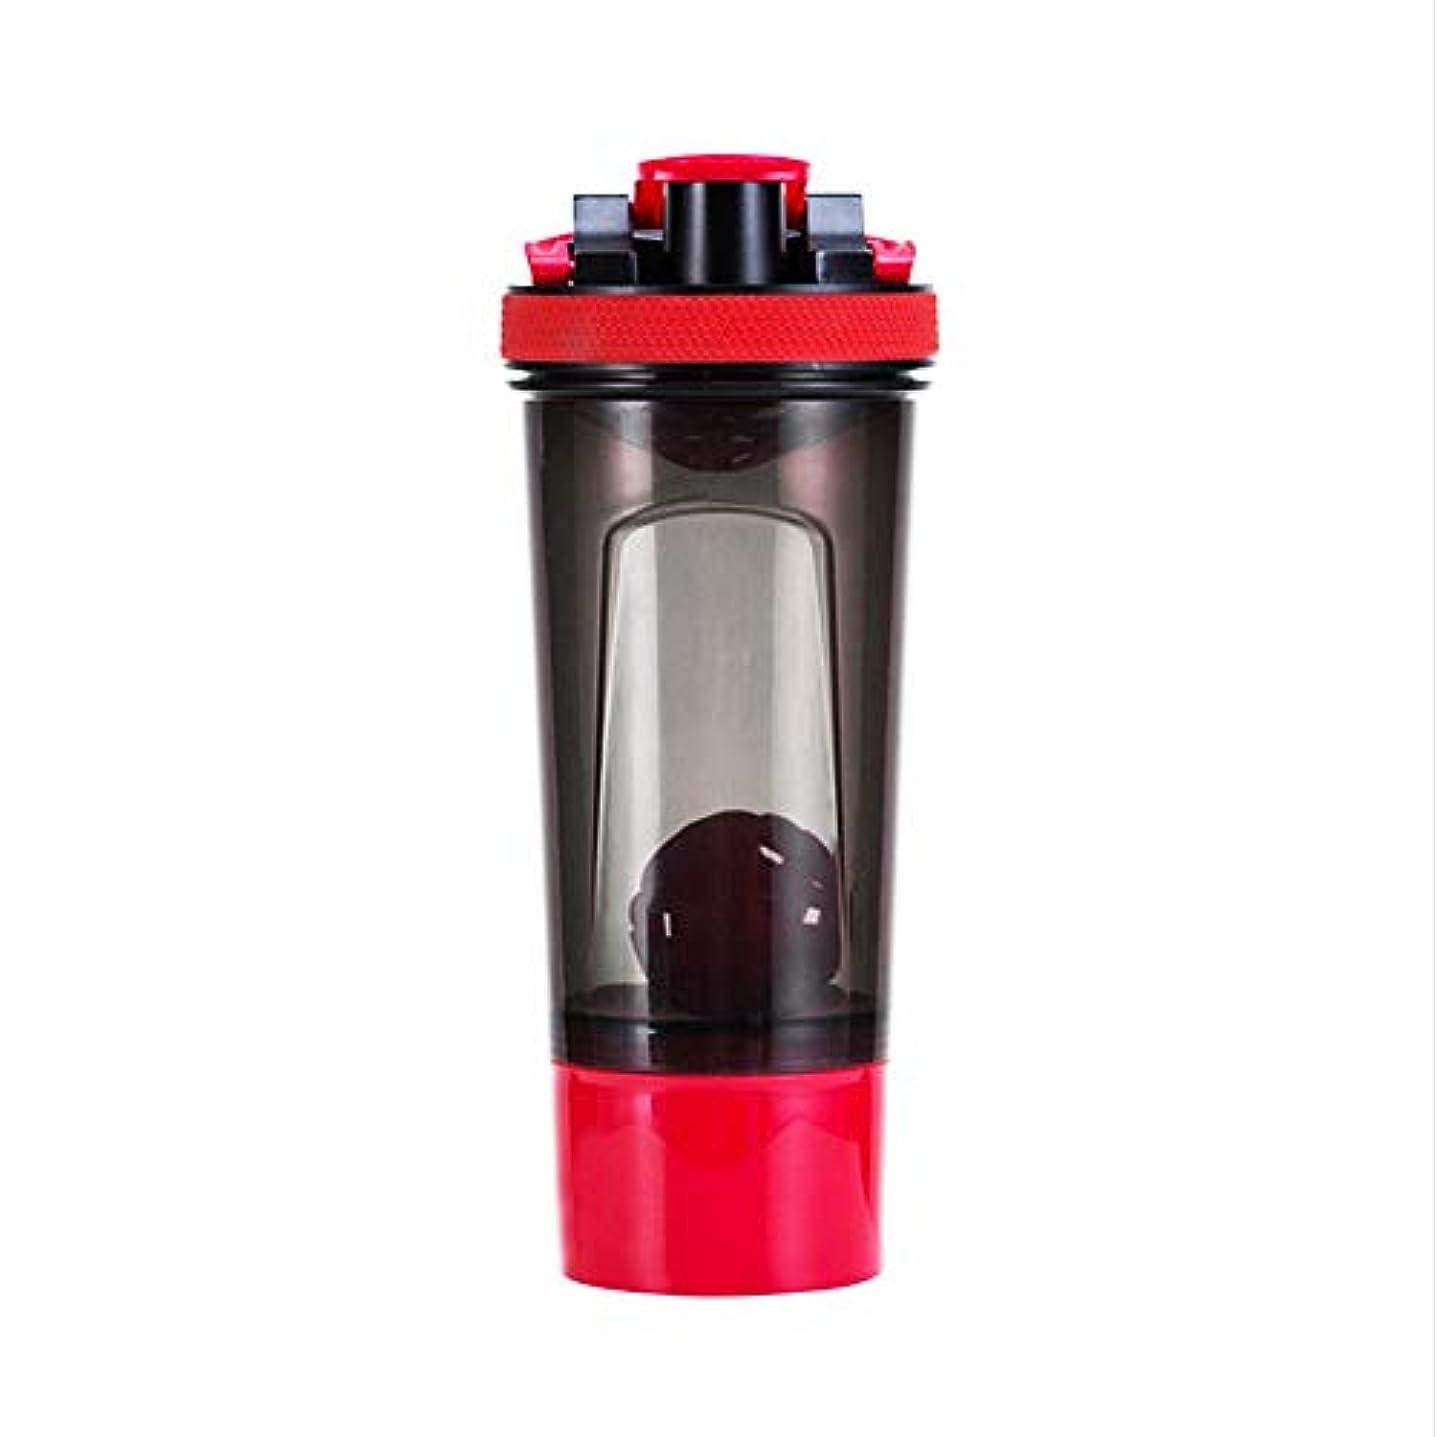 足首作成者隣接するQuner プロテインシェイカー ボトル 水筒 700ml シェーカーボトル スポーツボトル 目盛り 3層 プラスチック フィットネス ダイエット コンテナ付き サプリケース